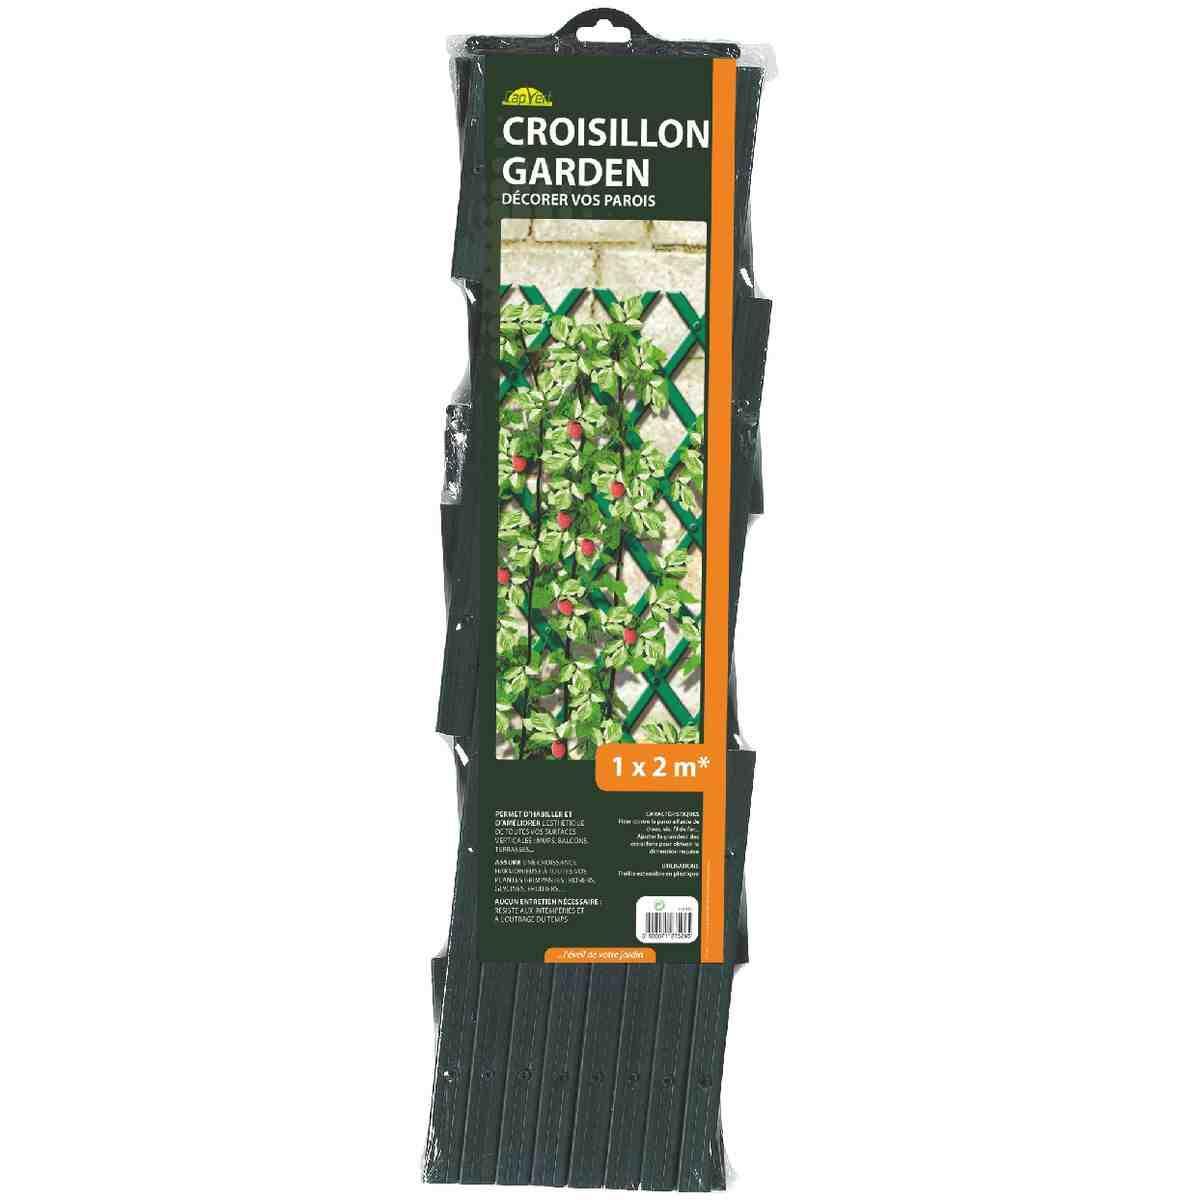 Croisillon plantes l g res cap vert longueur 2 m largeur 1 m de croisillo - Croisillon pour balcon ...